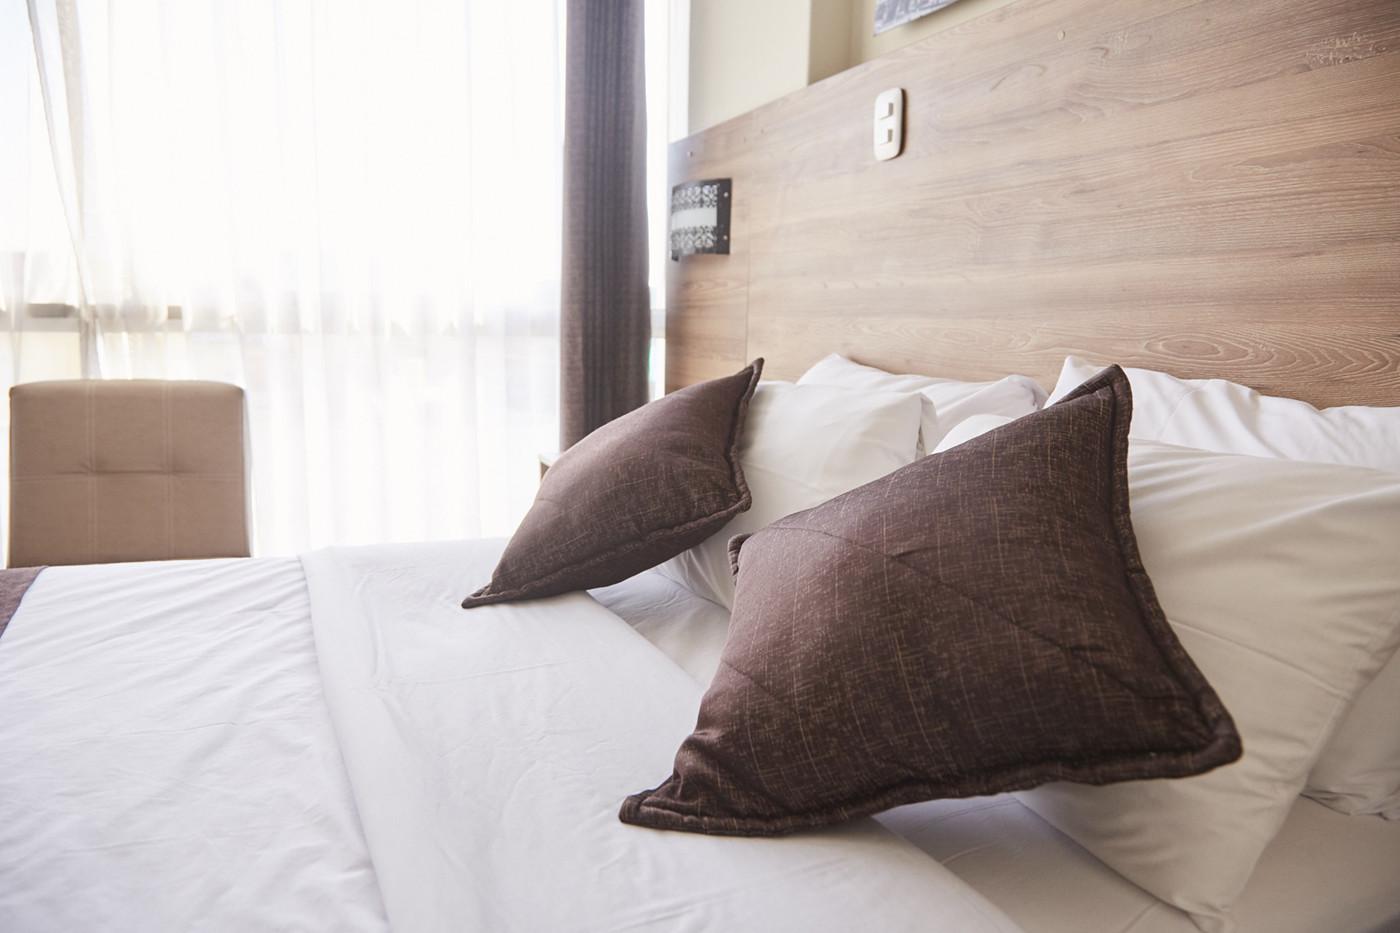 ein gemütliches Bett im Hotel in Arequipa. Hier erzählen wir dir von 9 Hotels in Peru